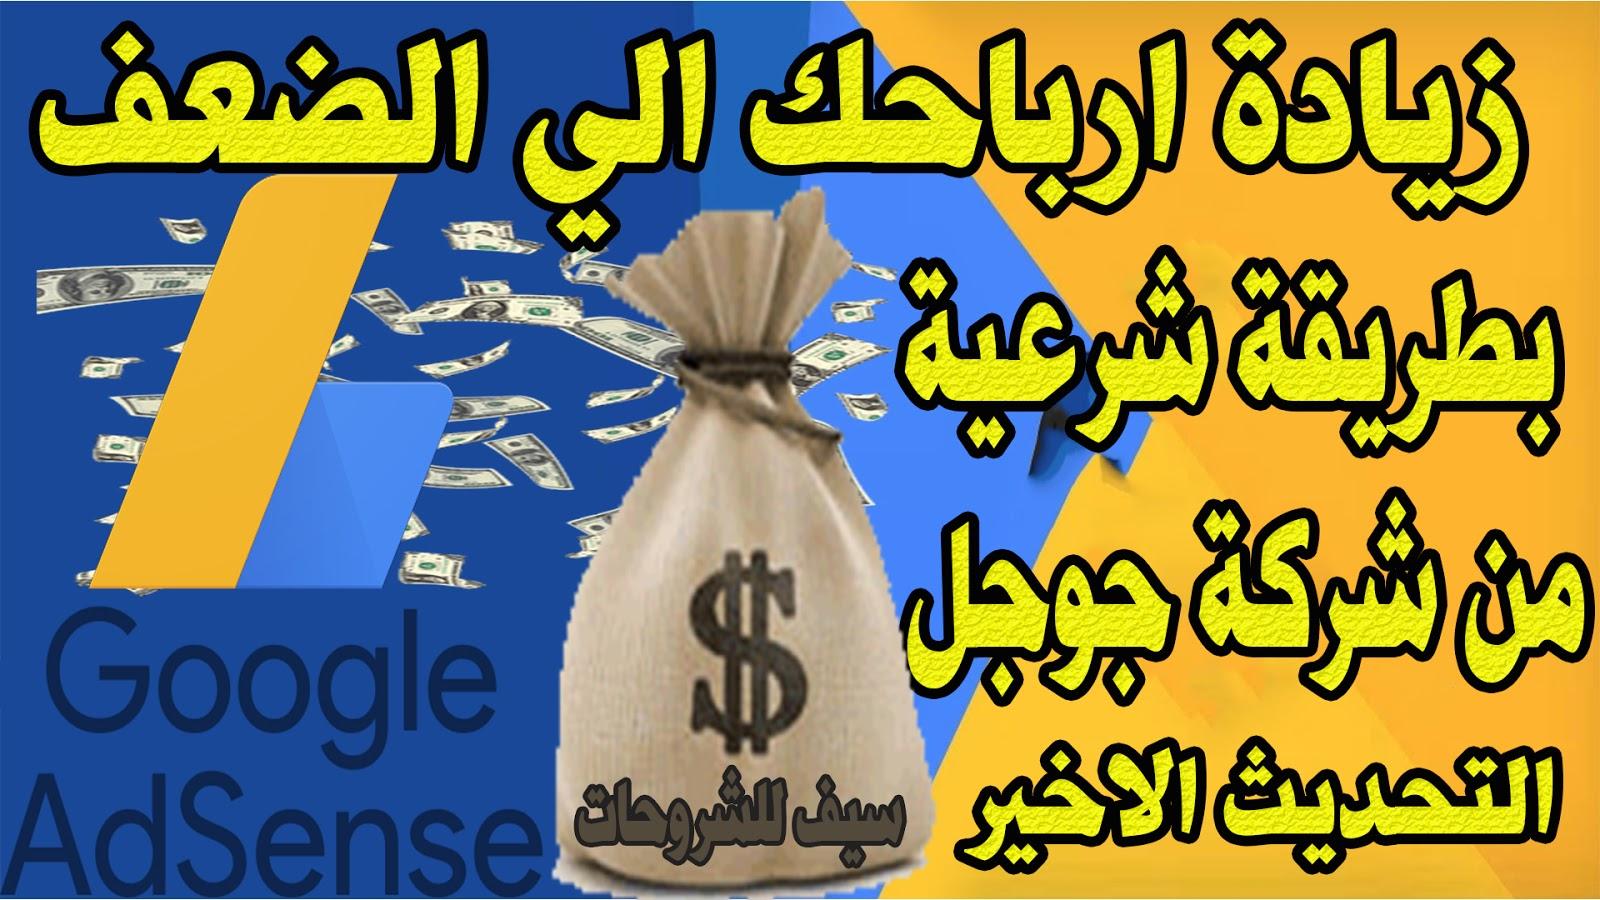 الربح من الانترنت عن طريق جوجل ادسينس وزيادة الارباح